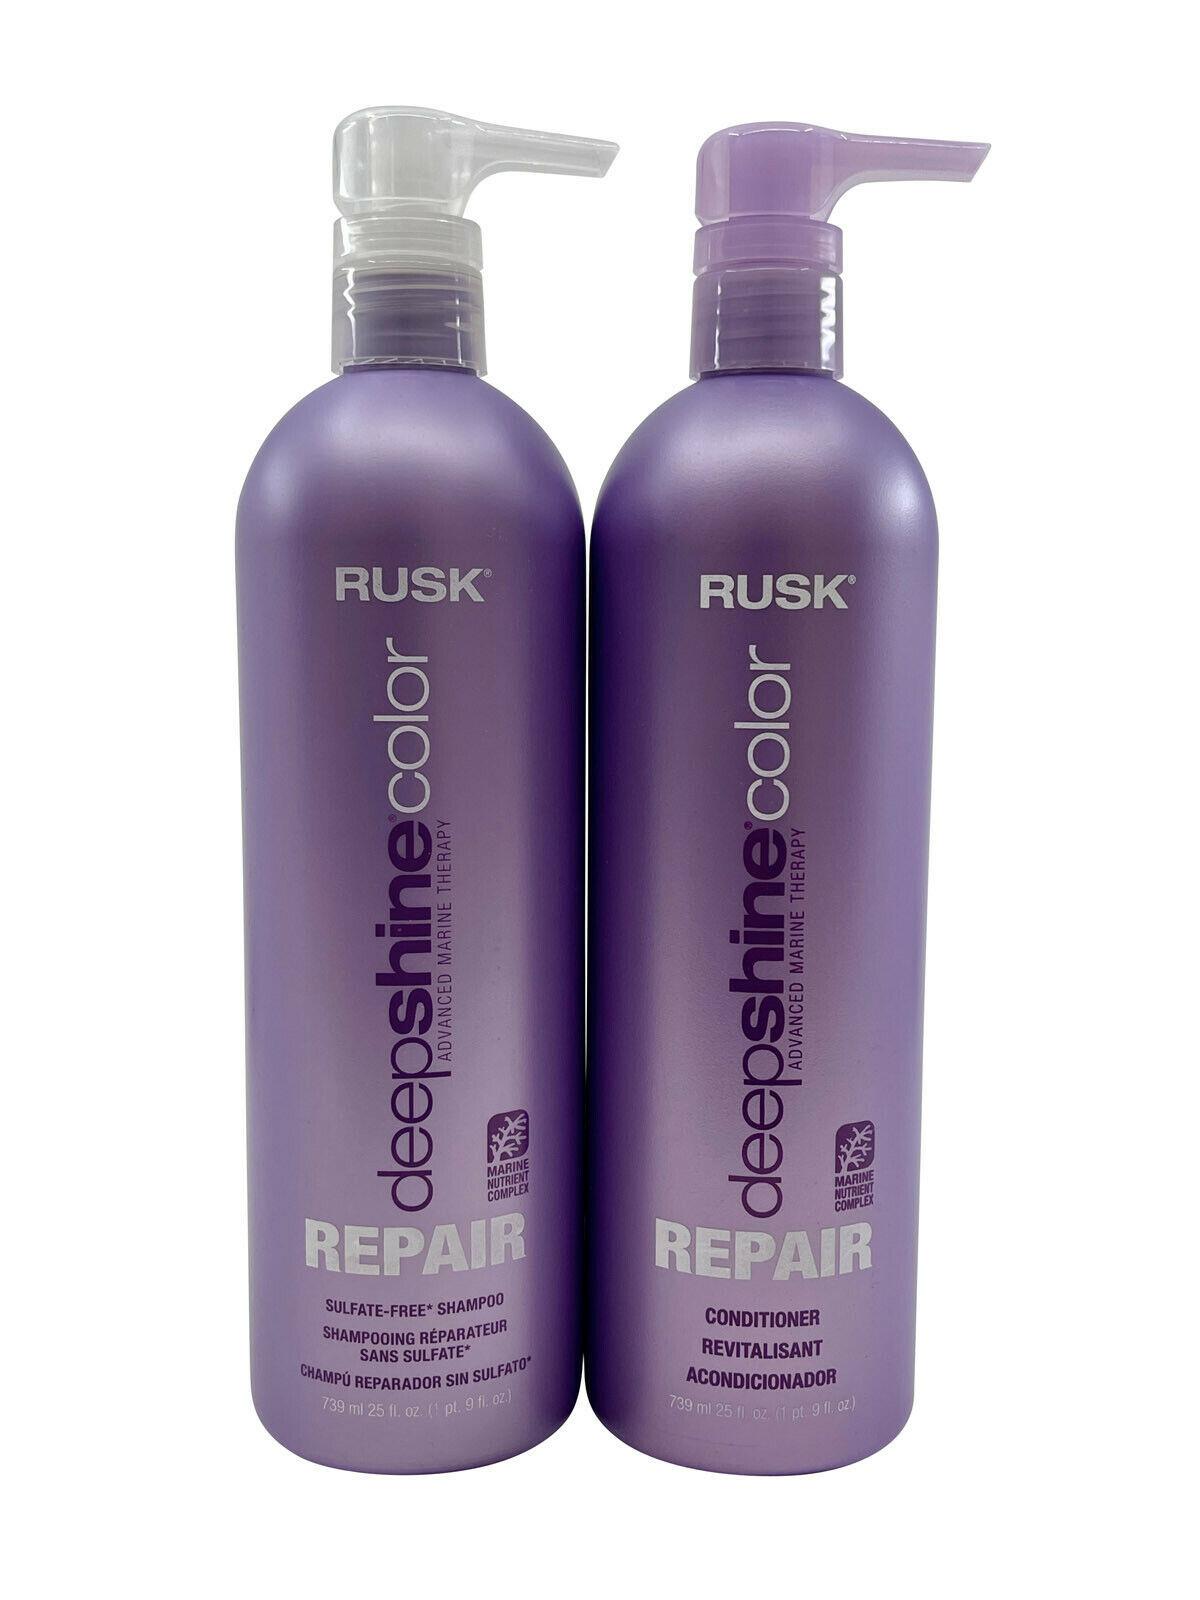 Rusk Deep Shine Color Repair Shampoo & Conditioner Set 25 OZ Each - $40.97